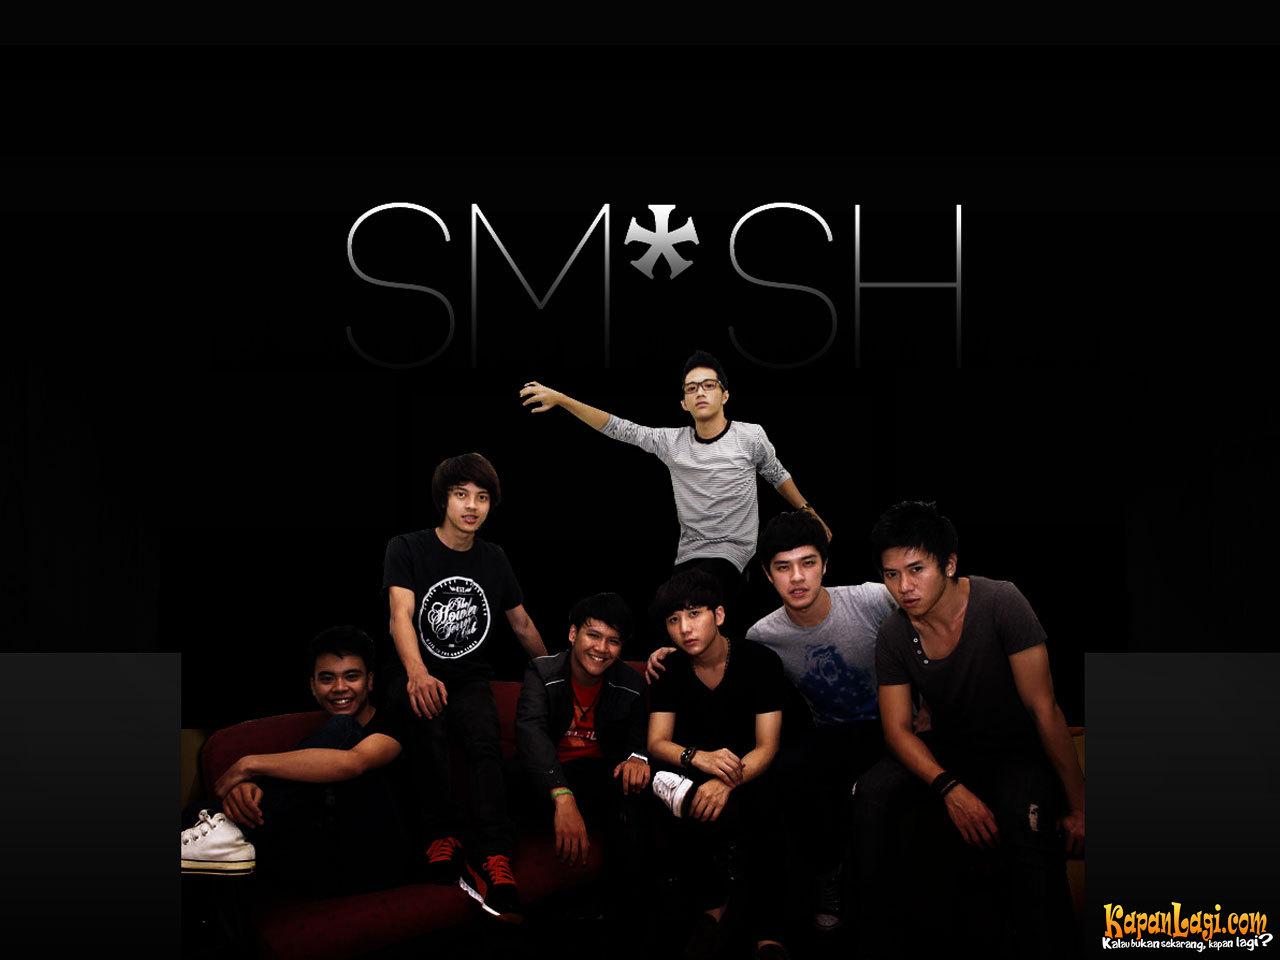 http://1.bp.blogspot.com/-_OiuTuK7iiU/TmihiJxB6rI/AAAAAAAABGo/7-Xuzb5KzvA/s1600/Smash+Wallpaper.jpg